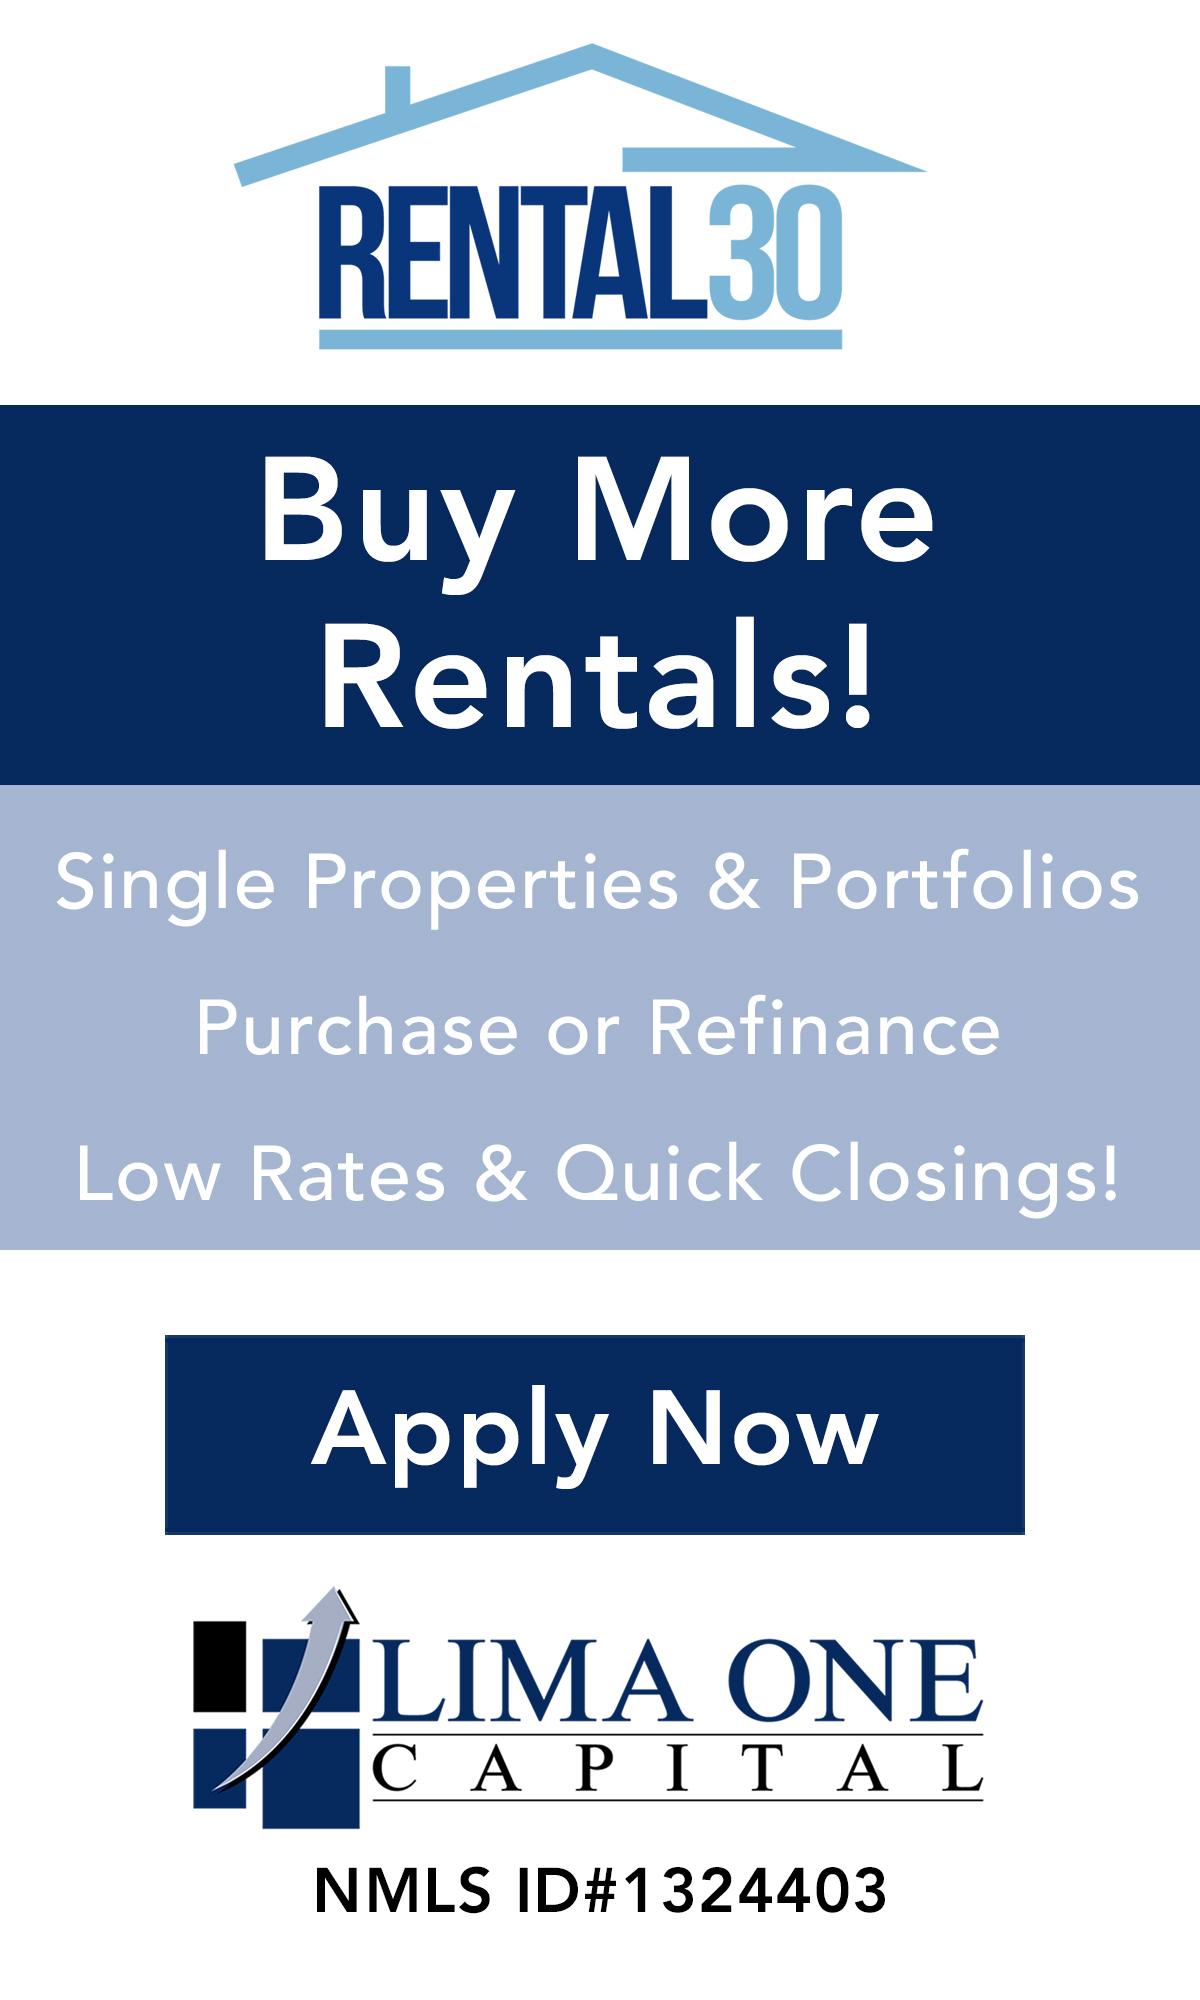 california real estate broker license reciprocity